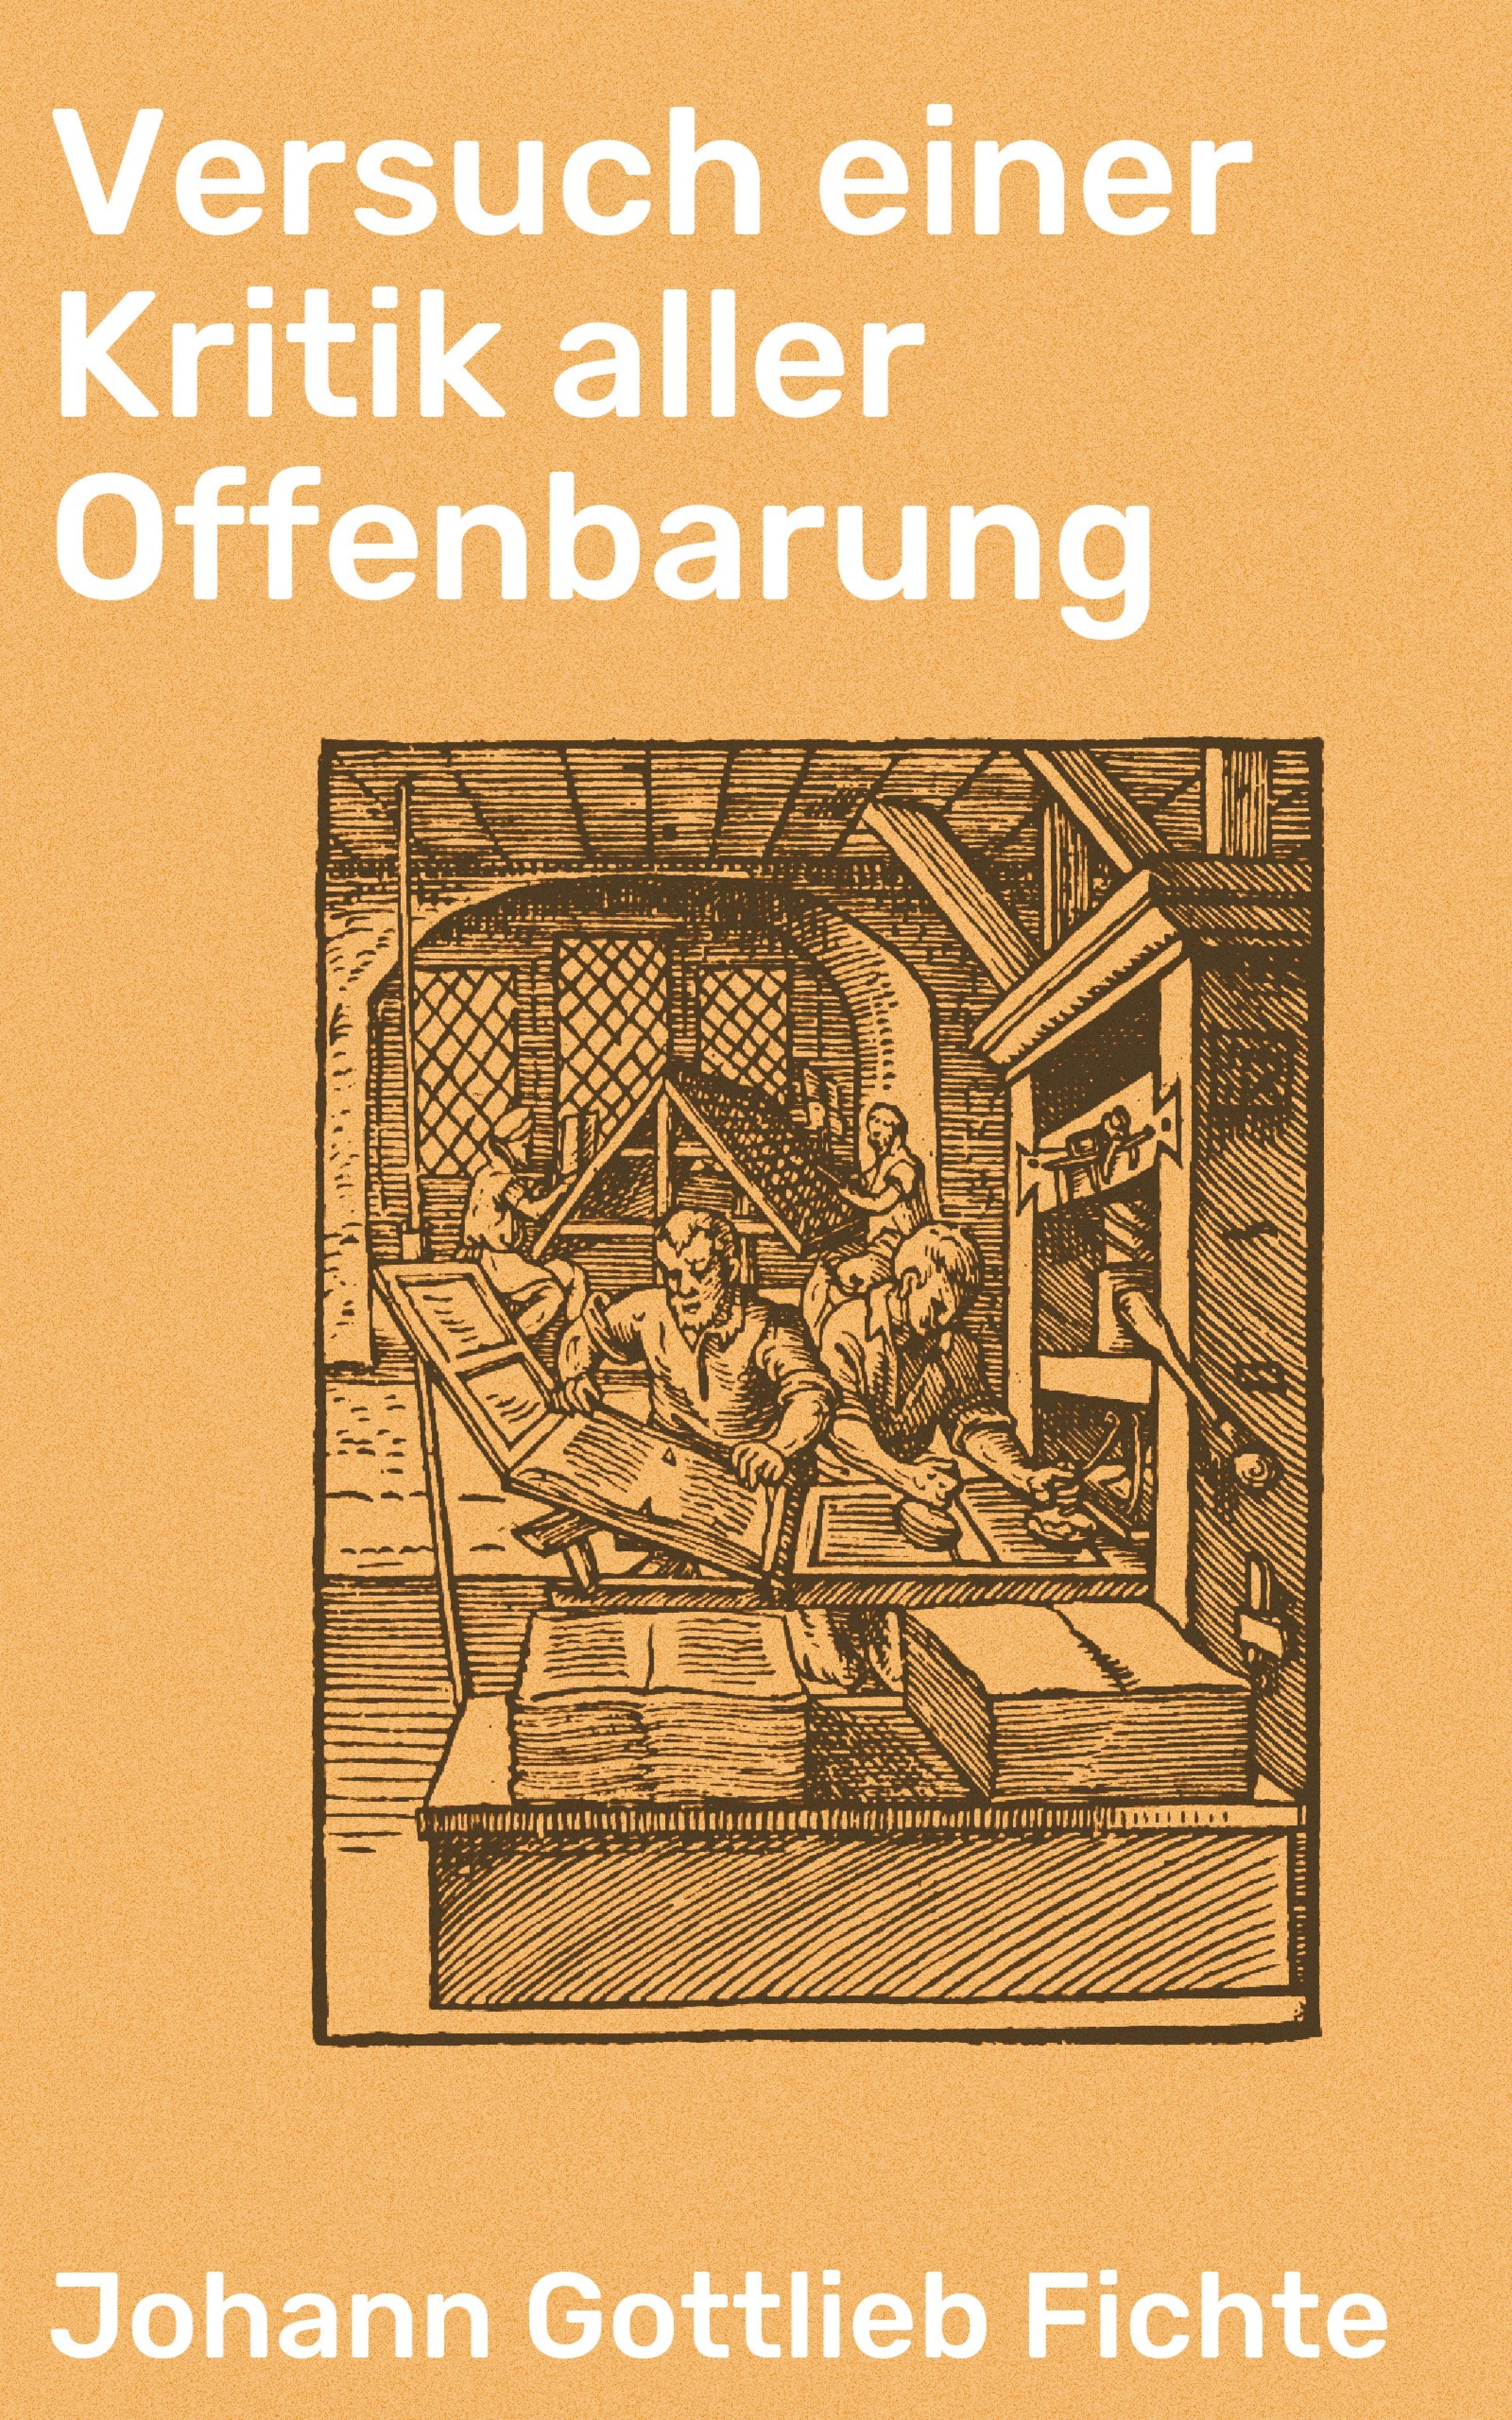 Johann Gottlieb Fichte Versuch einer Kritik aller Offenbarung johann gottlieb fichte julius moritz weinhold achtundvierzig briefe von johann gottlieb fichte und seinen verwandten